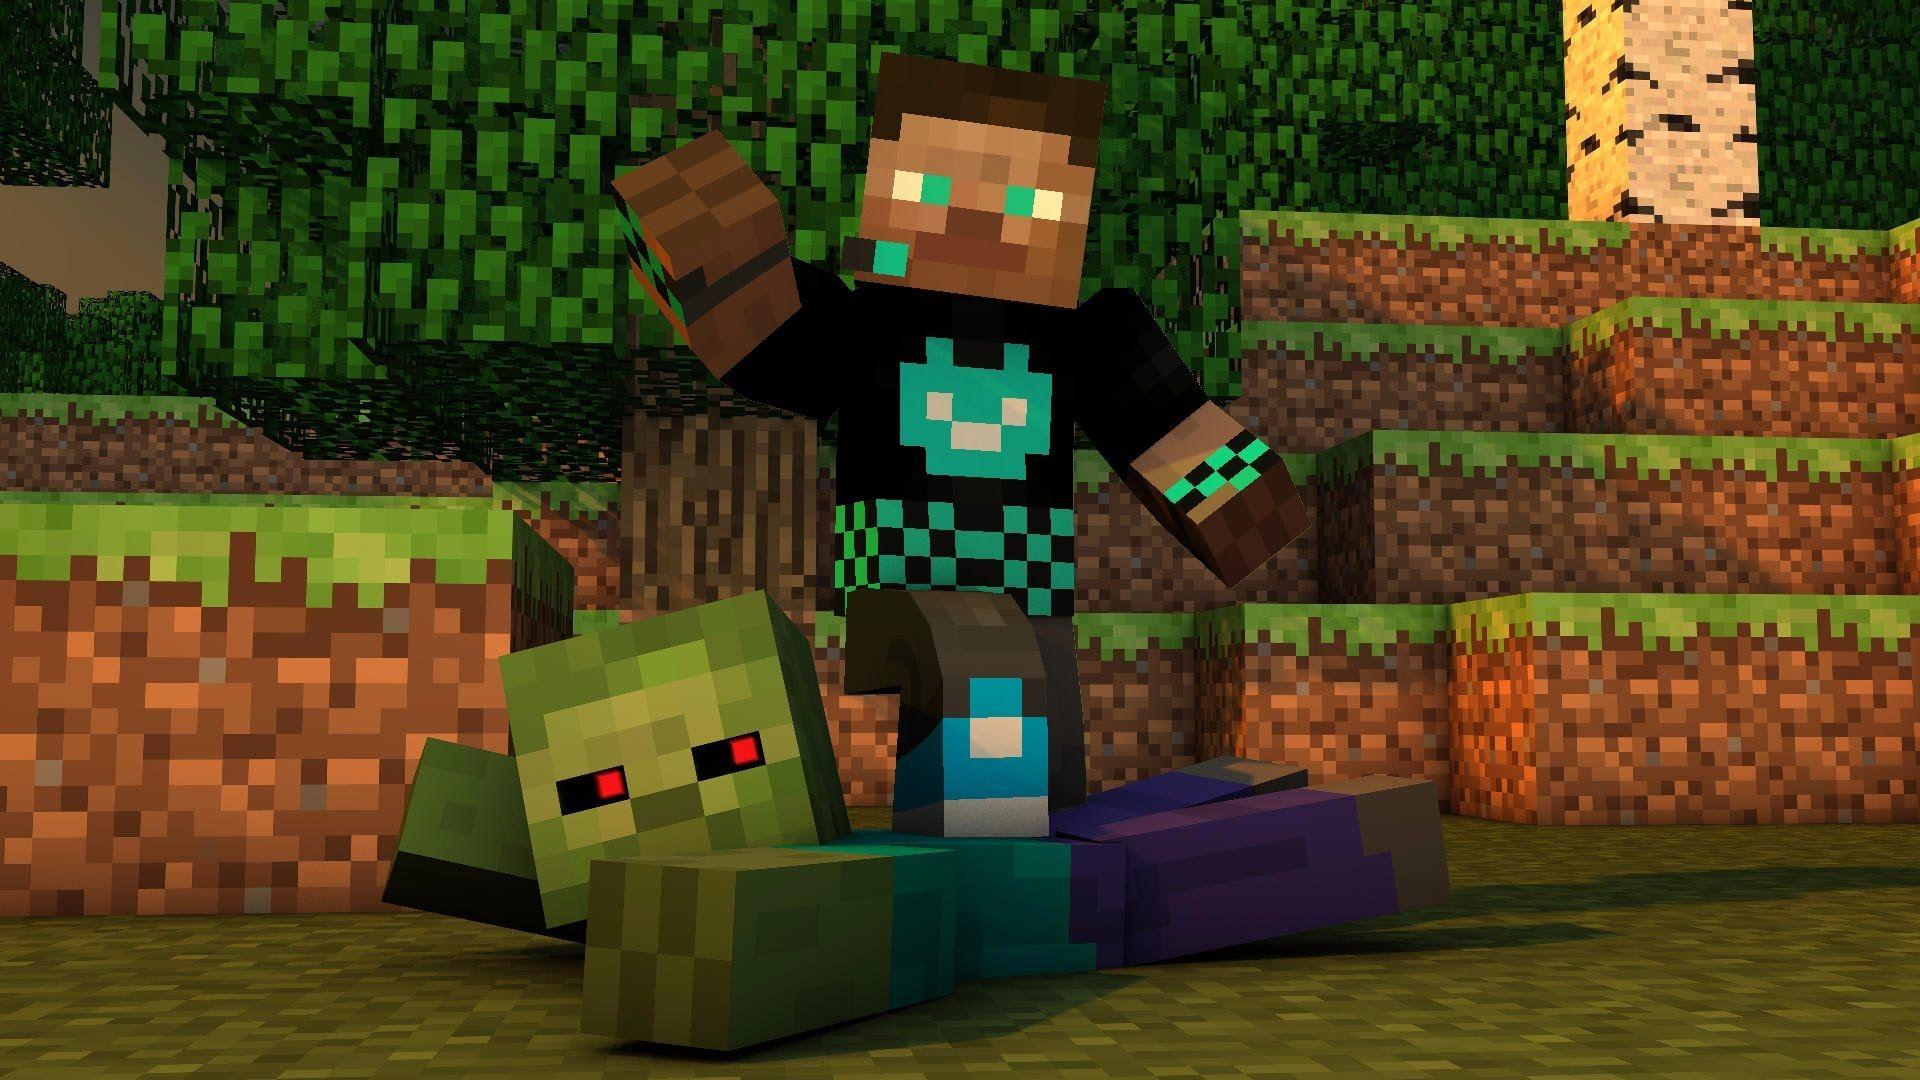 صور ماين كرافت لعبة بلاى ستيشن 4 المدهشة Http Nicee Cc صور ماين كرافت لعبة بلاى ستيشن 4 المدهش Minecraft Wallpaper Minecraft Art Minecraft